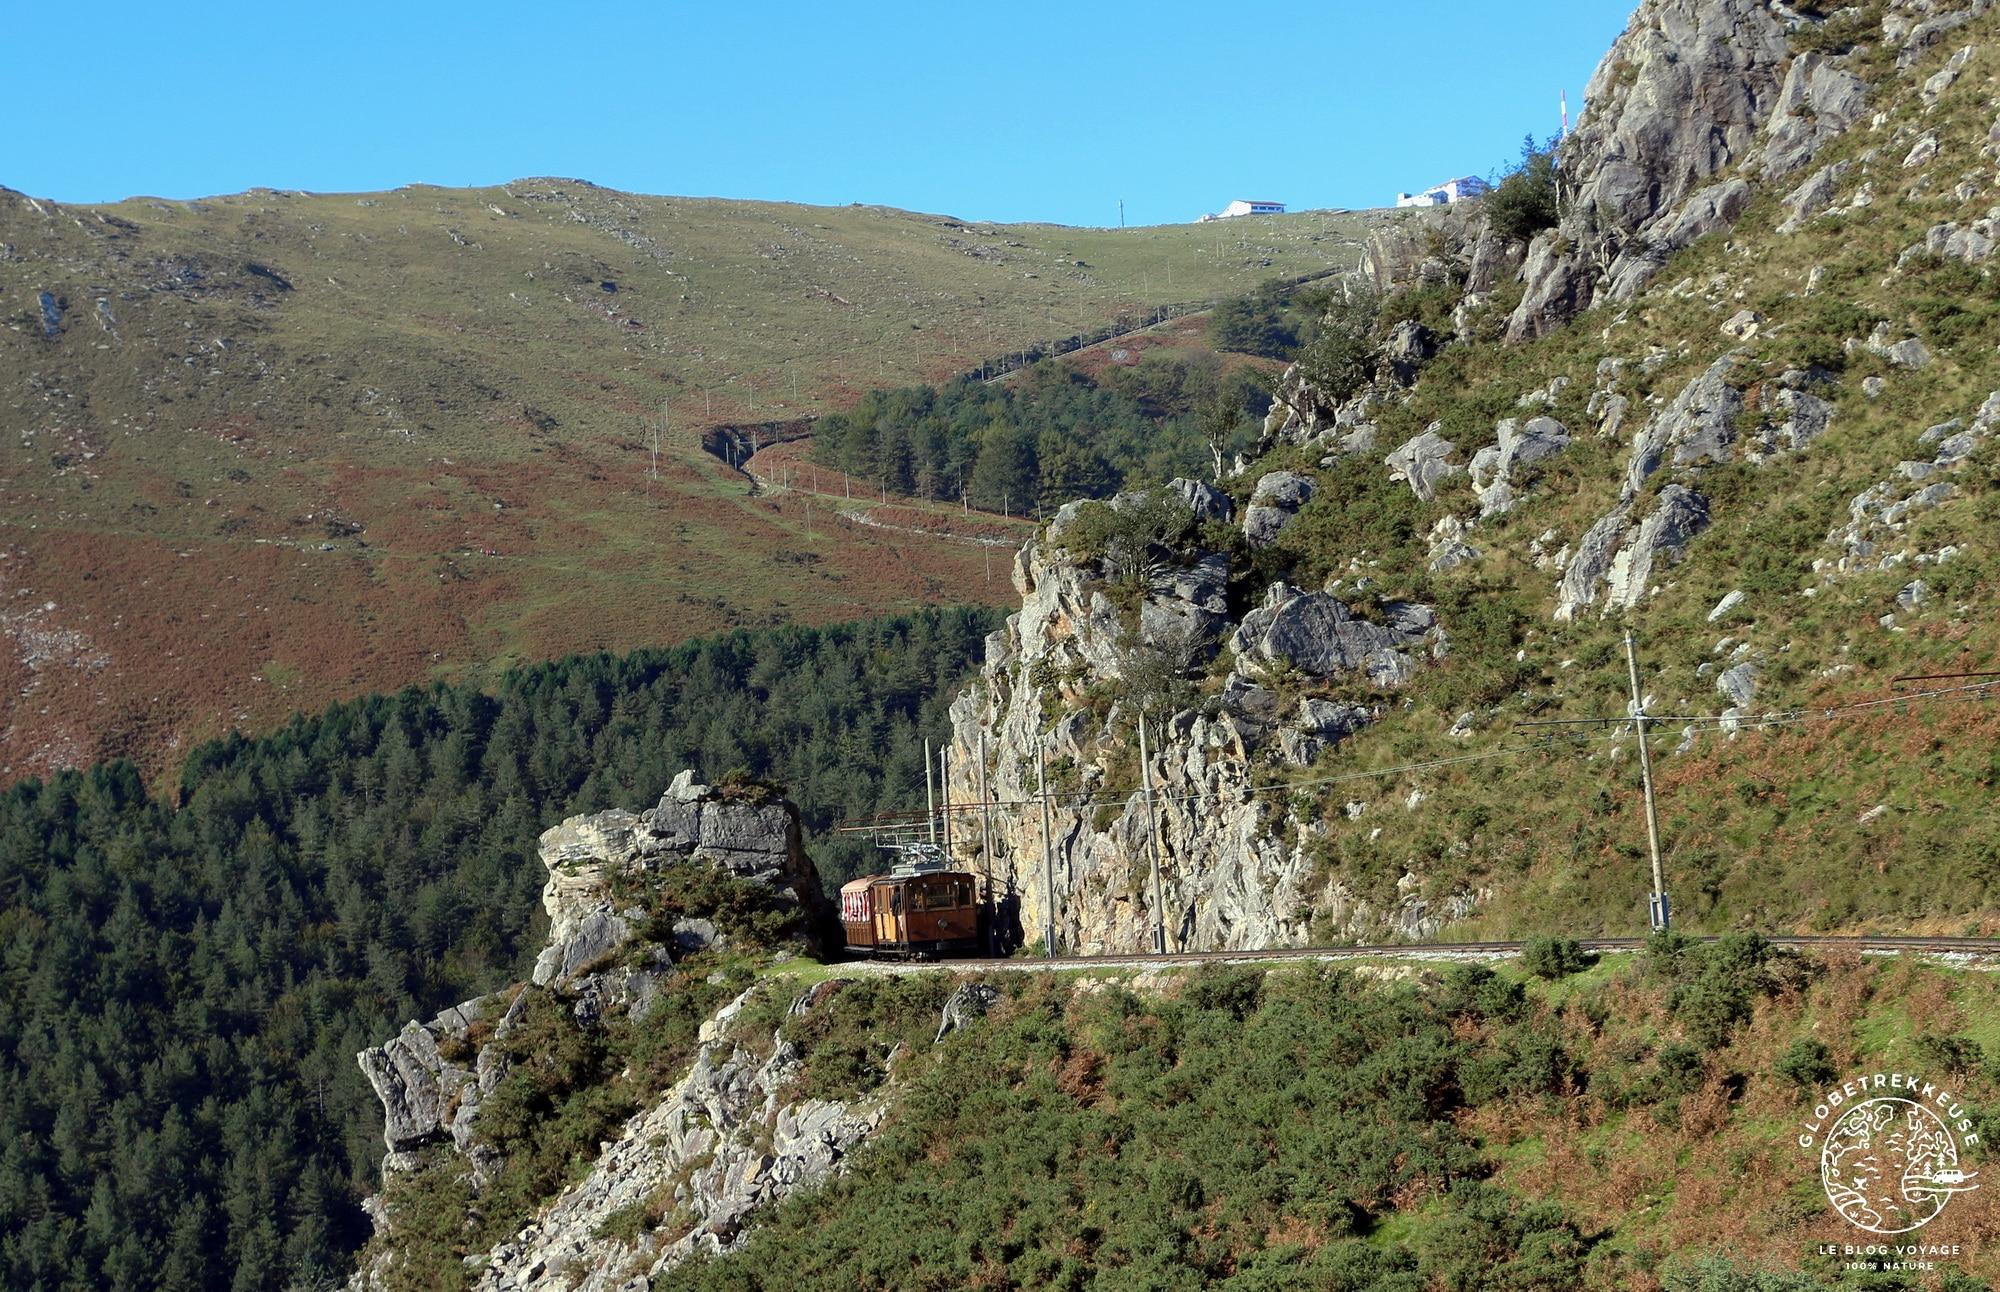 3 jours au pays basque train rhune